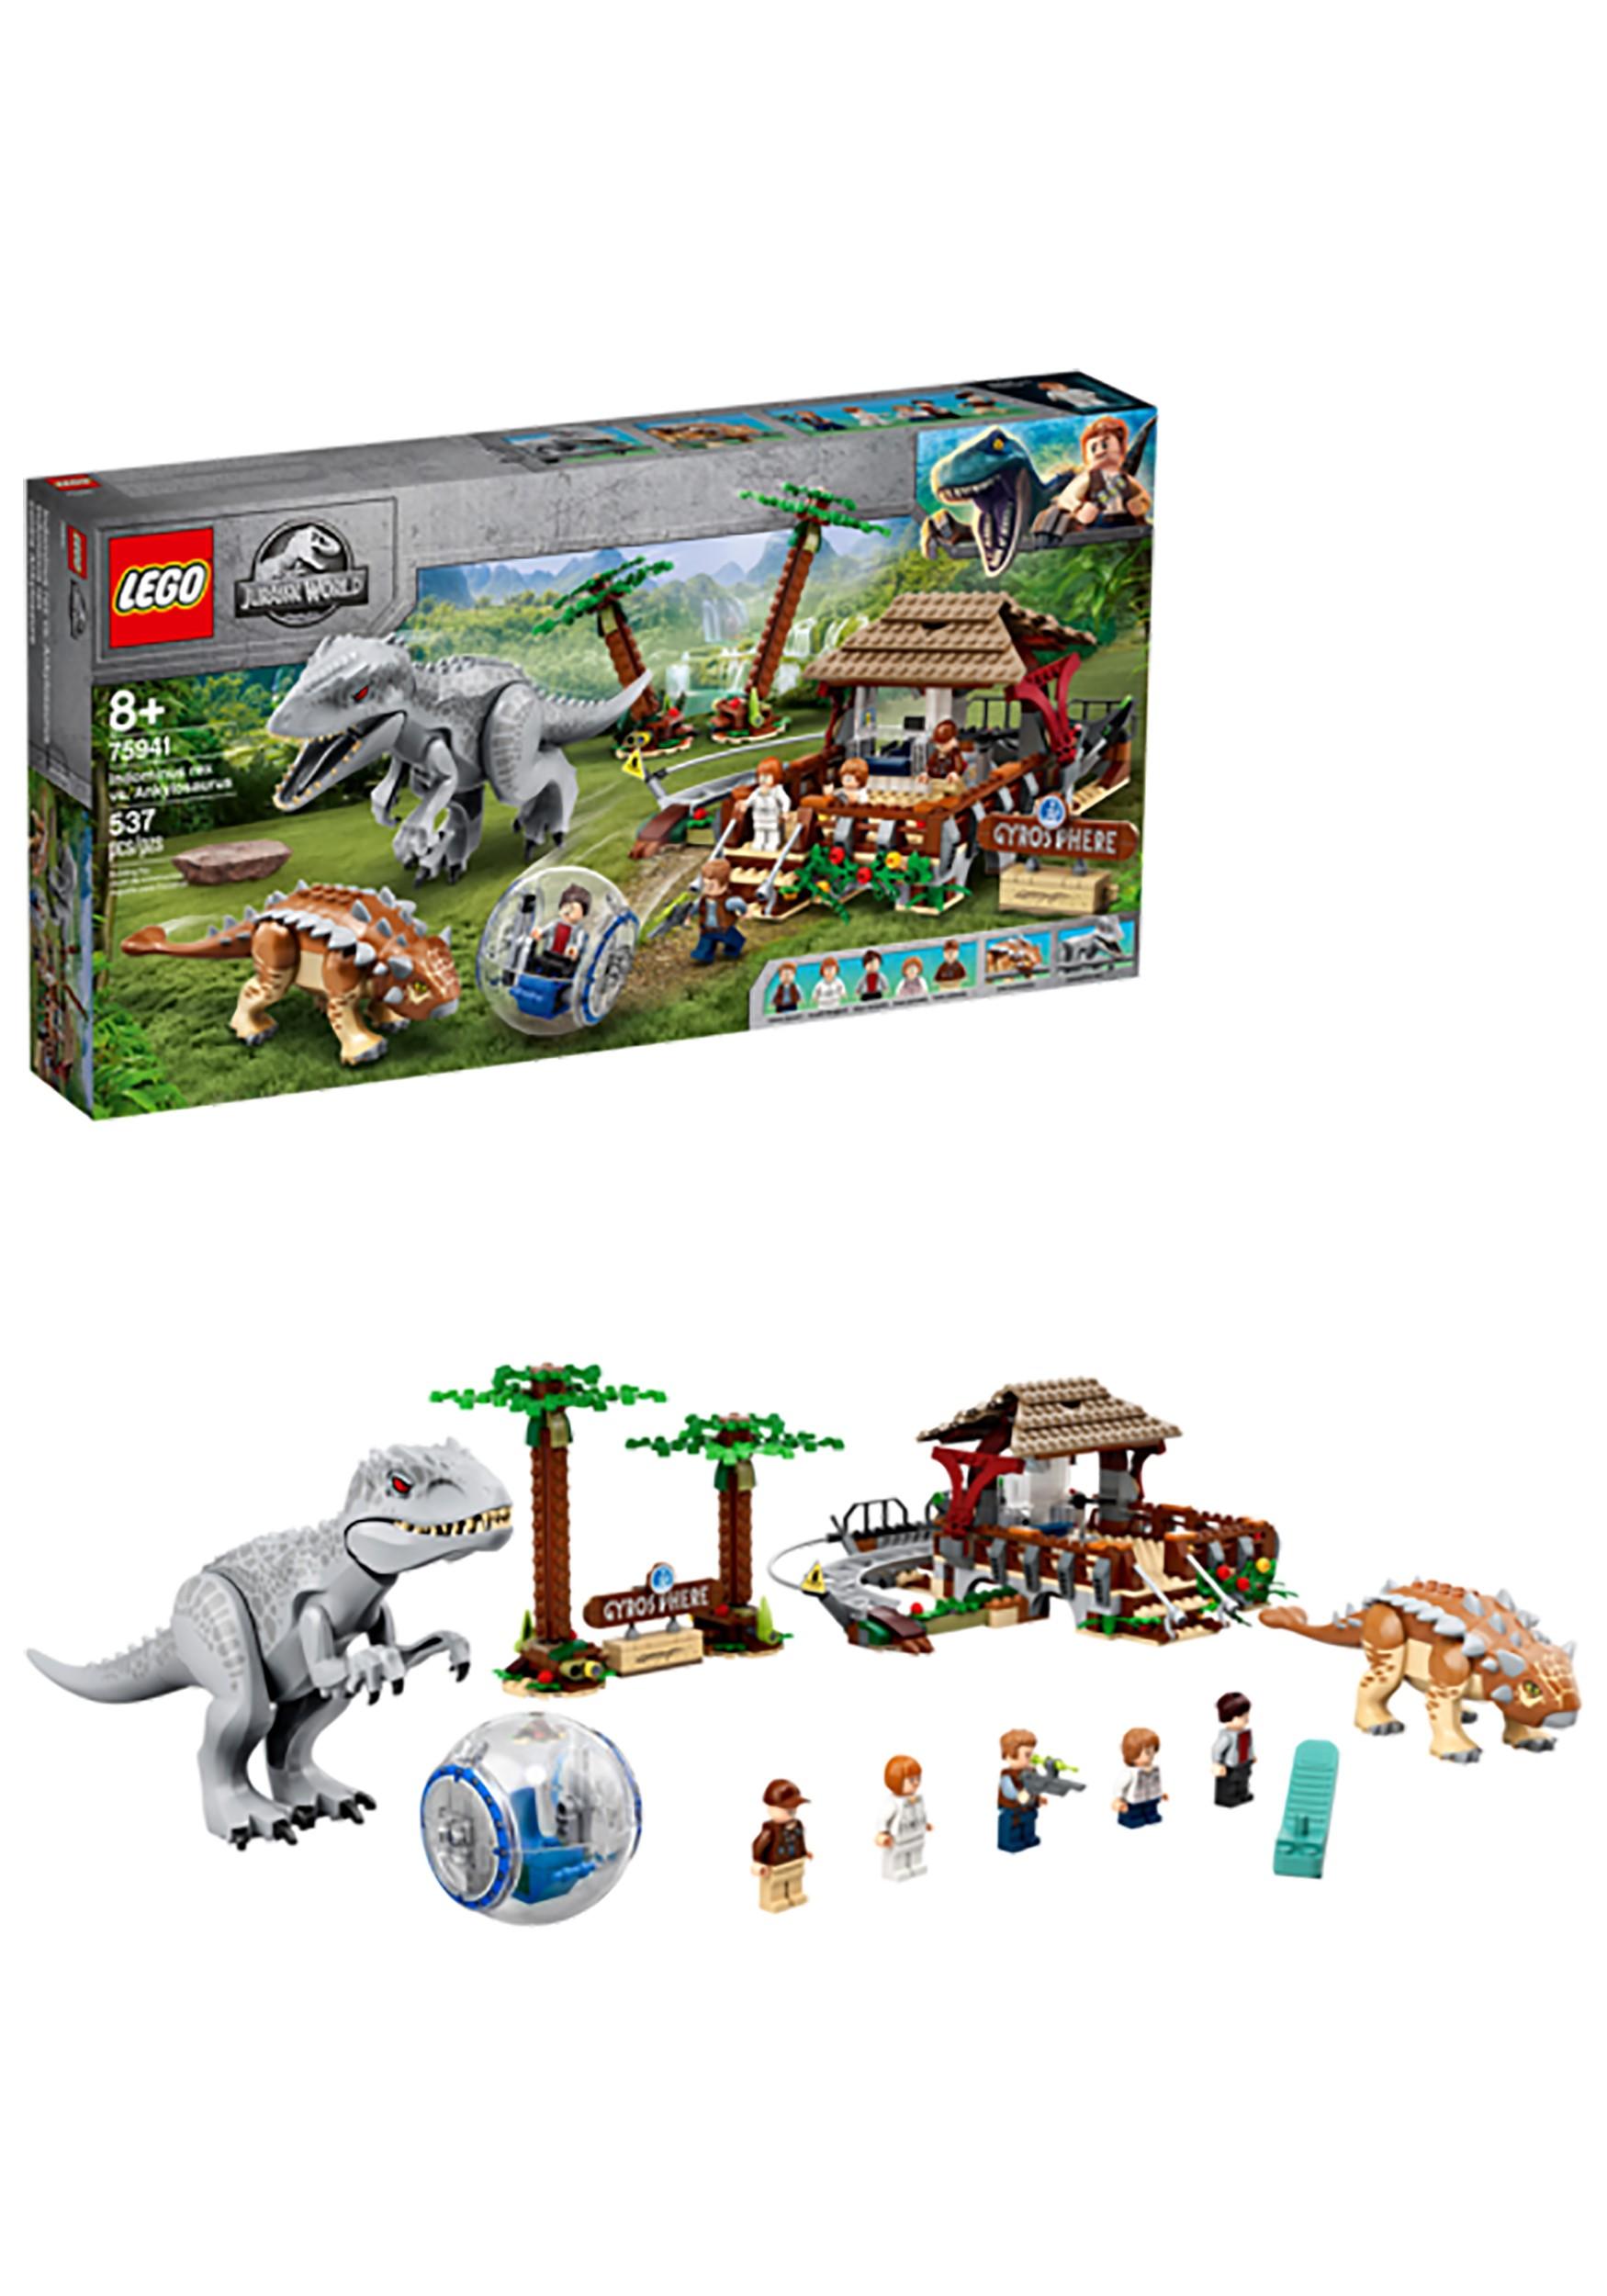 LEGO- Jurassic World Indominus Rex vs Ankylosaurus